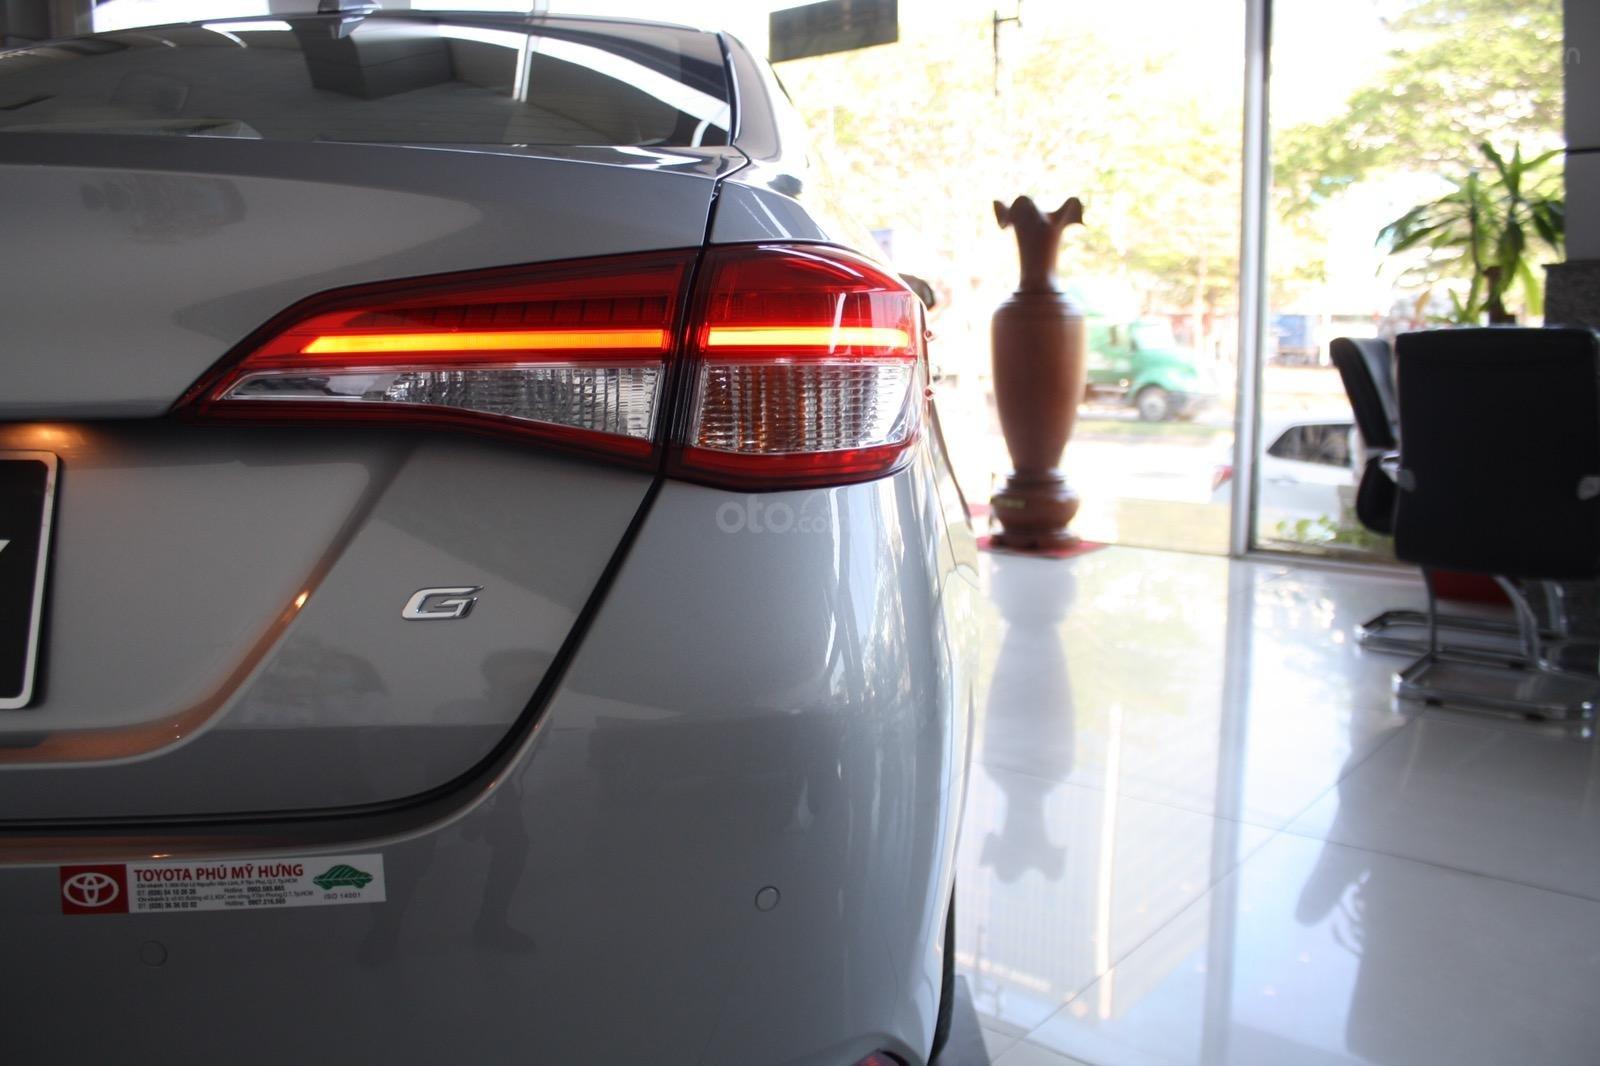 Toyota Vios G 2021, giá tốt - khuyến mãi lớn, hỗ trợ ngân hàng - lãi suất thấp (4)